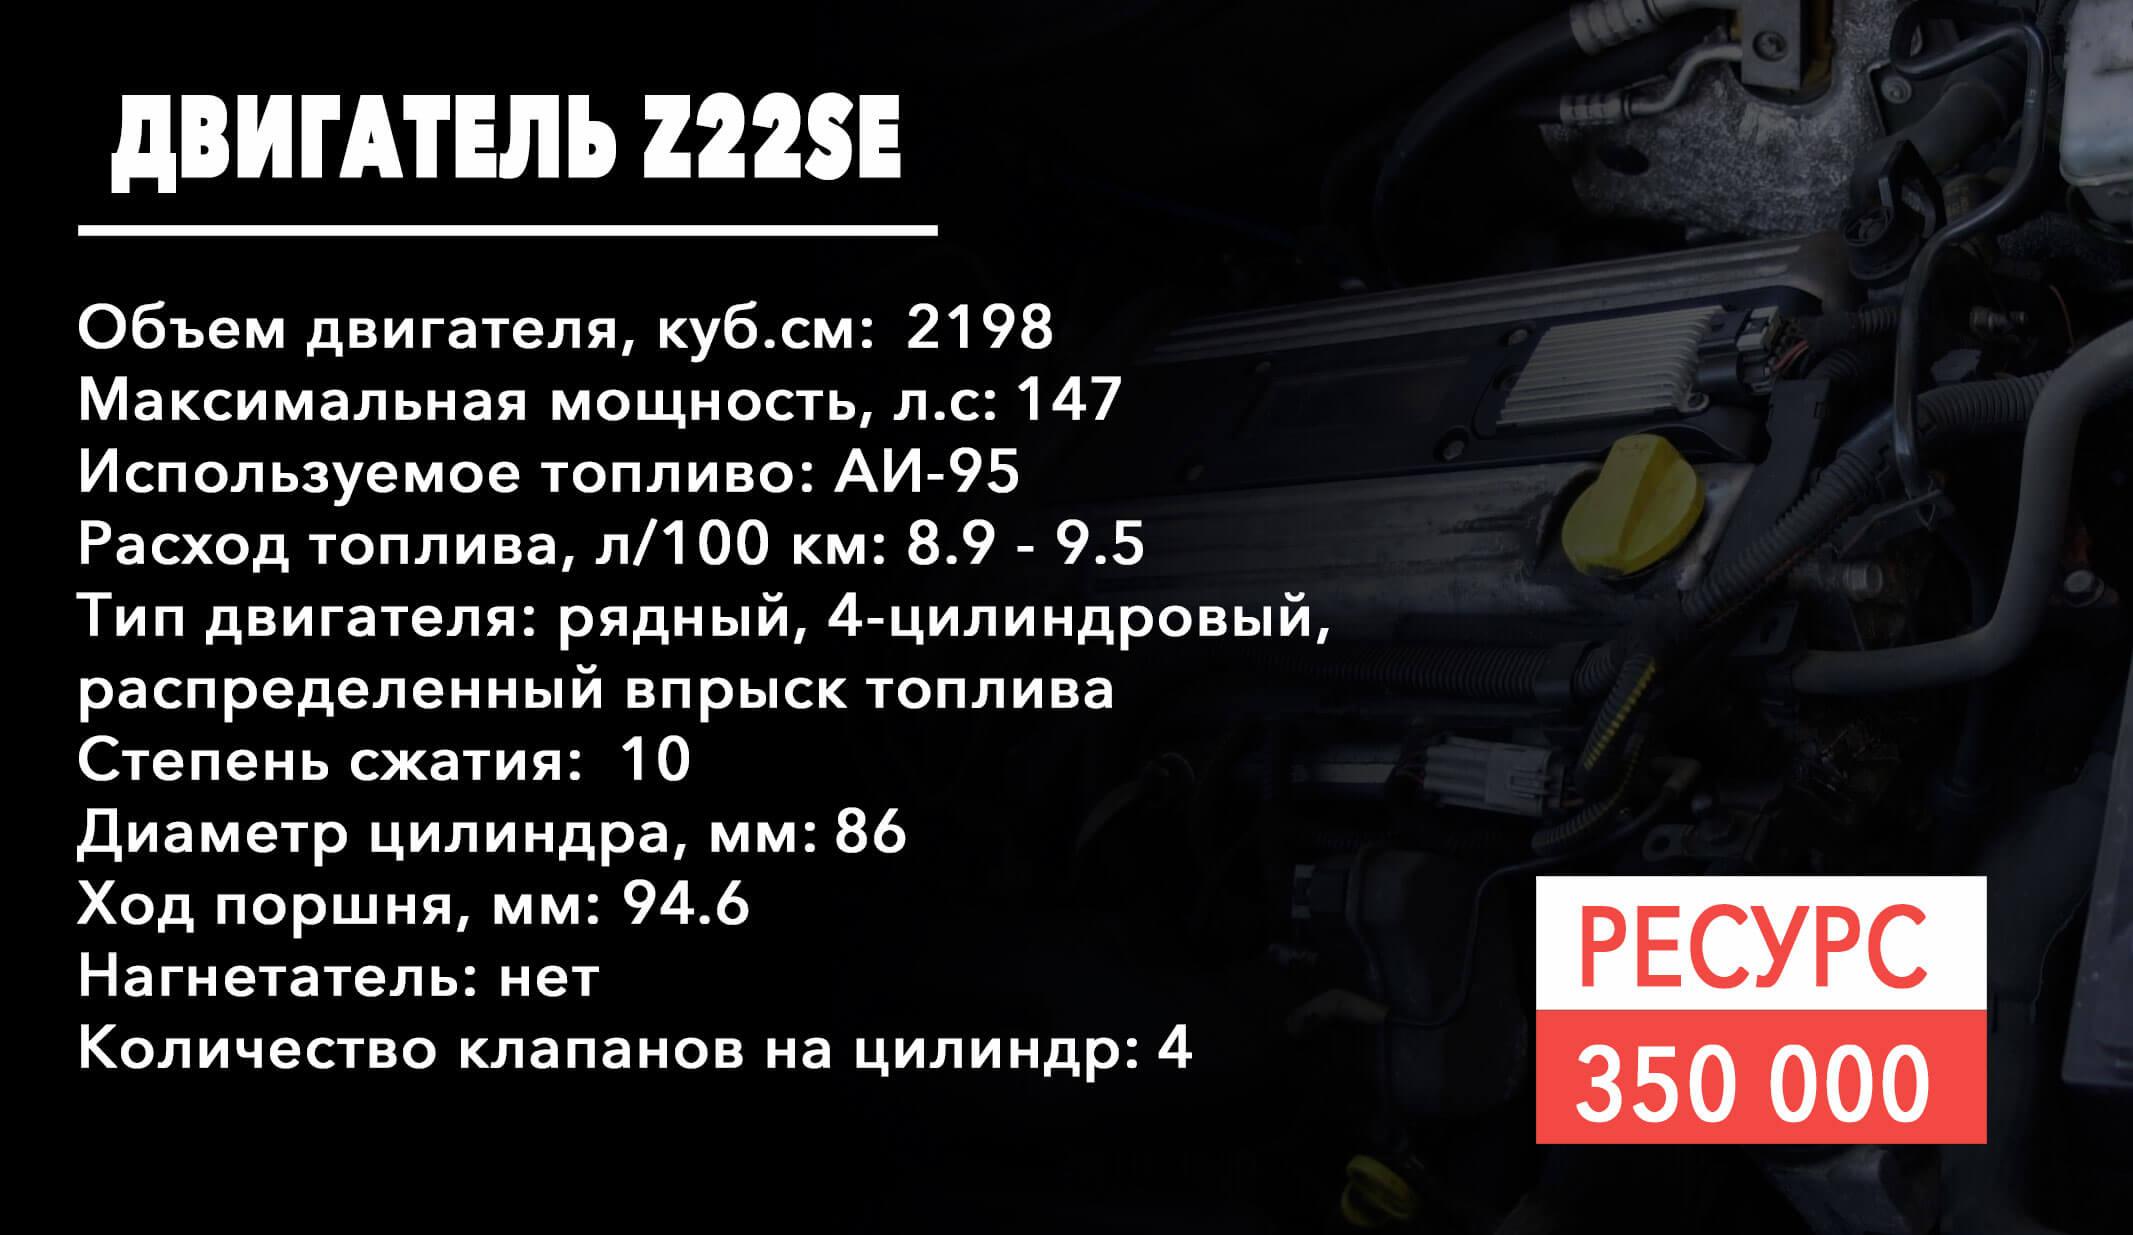 ресурс двигателя Z22SE